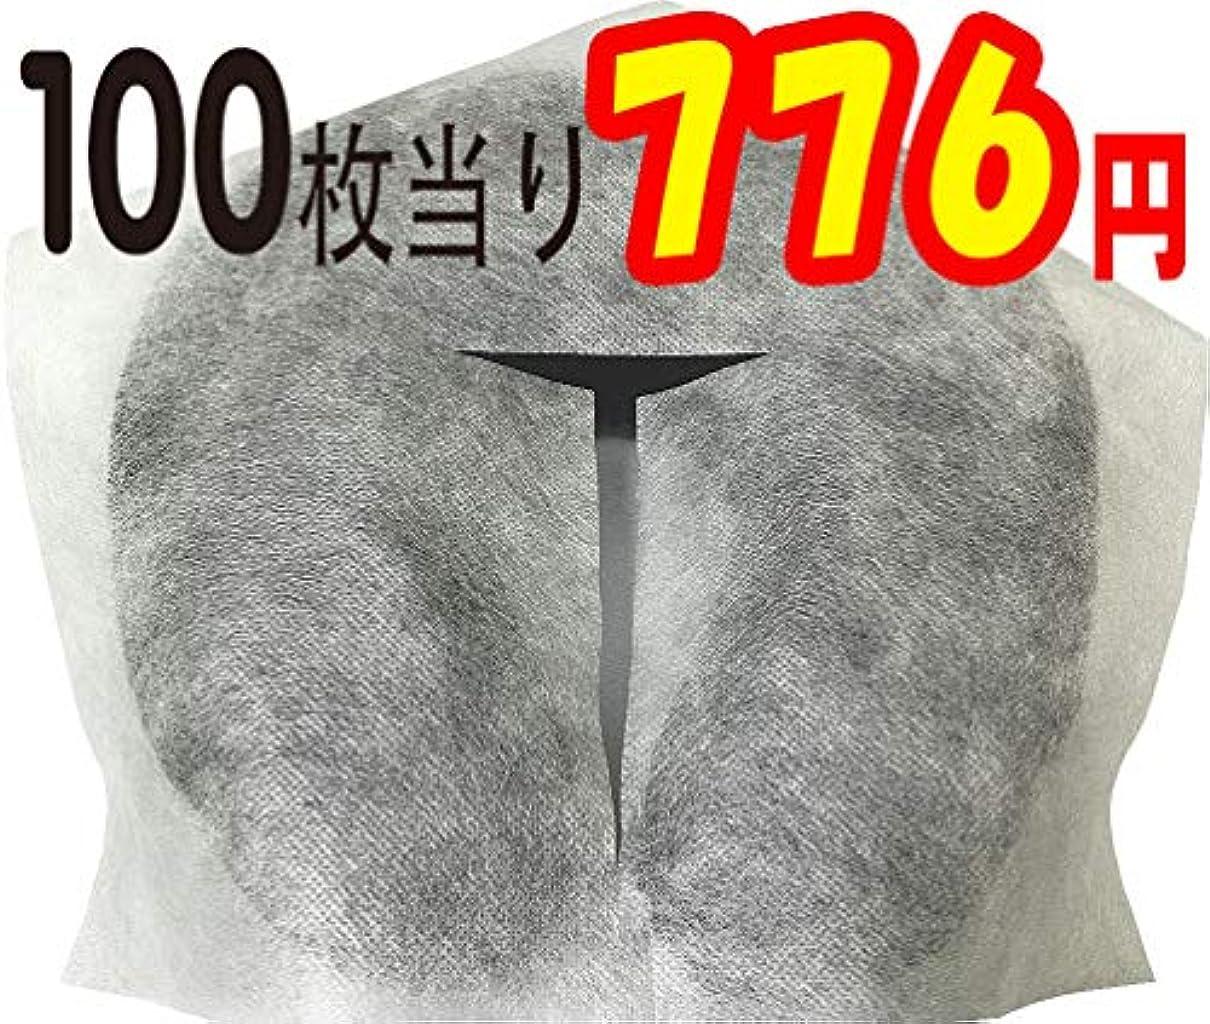 500枚 厚手タイプ、コスパ最高 上質な使い捨て 業務用 顔用 フェイスペーパー フェイスシート フェイスカバー ピローカバー 枕カバー マクラカバー